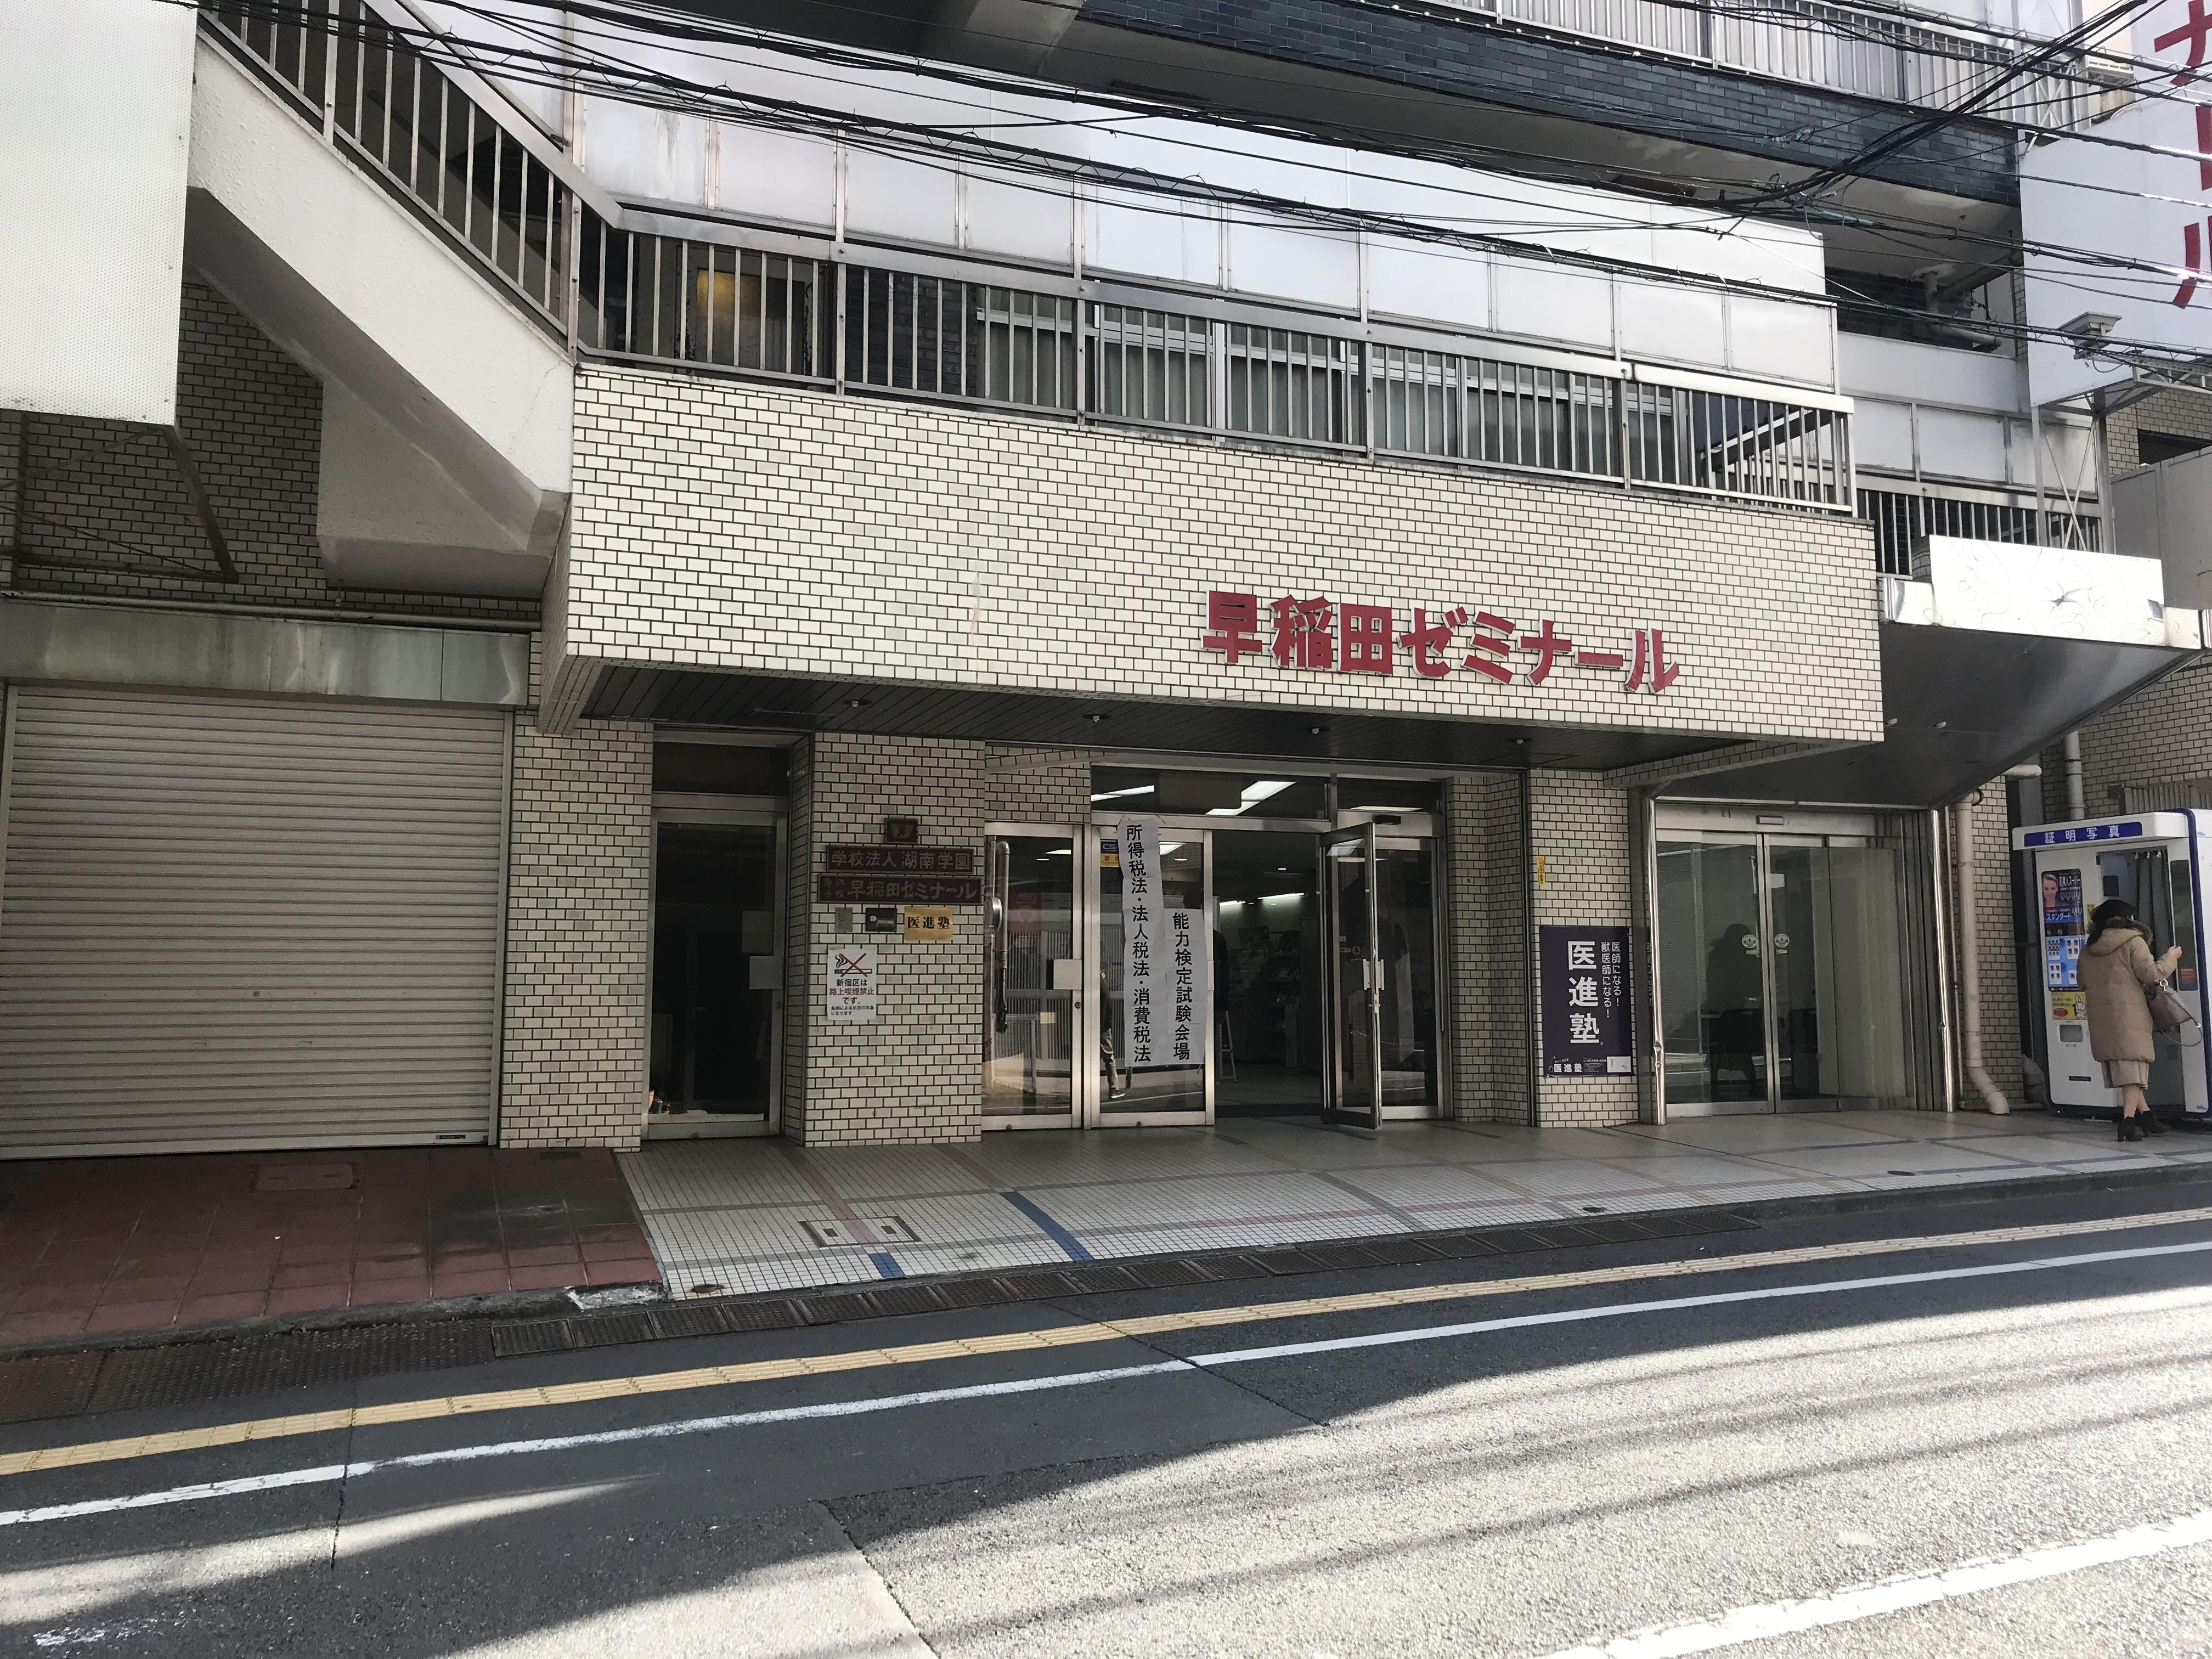 消費税法能力検定受験会場の早稲田ゼミナール